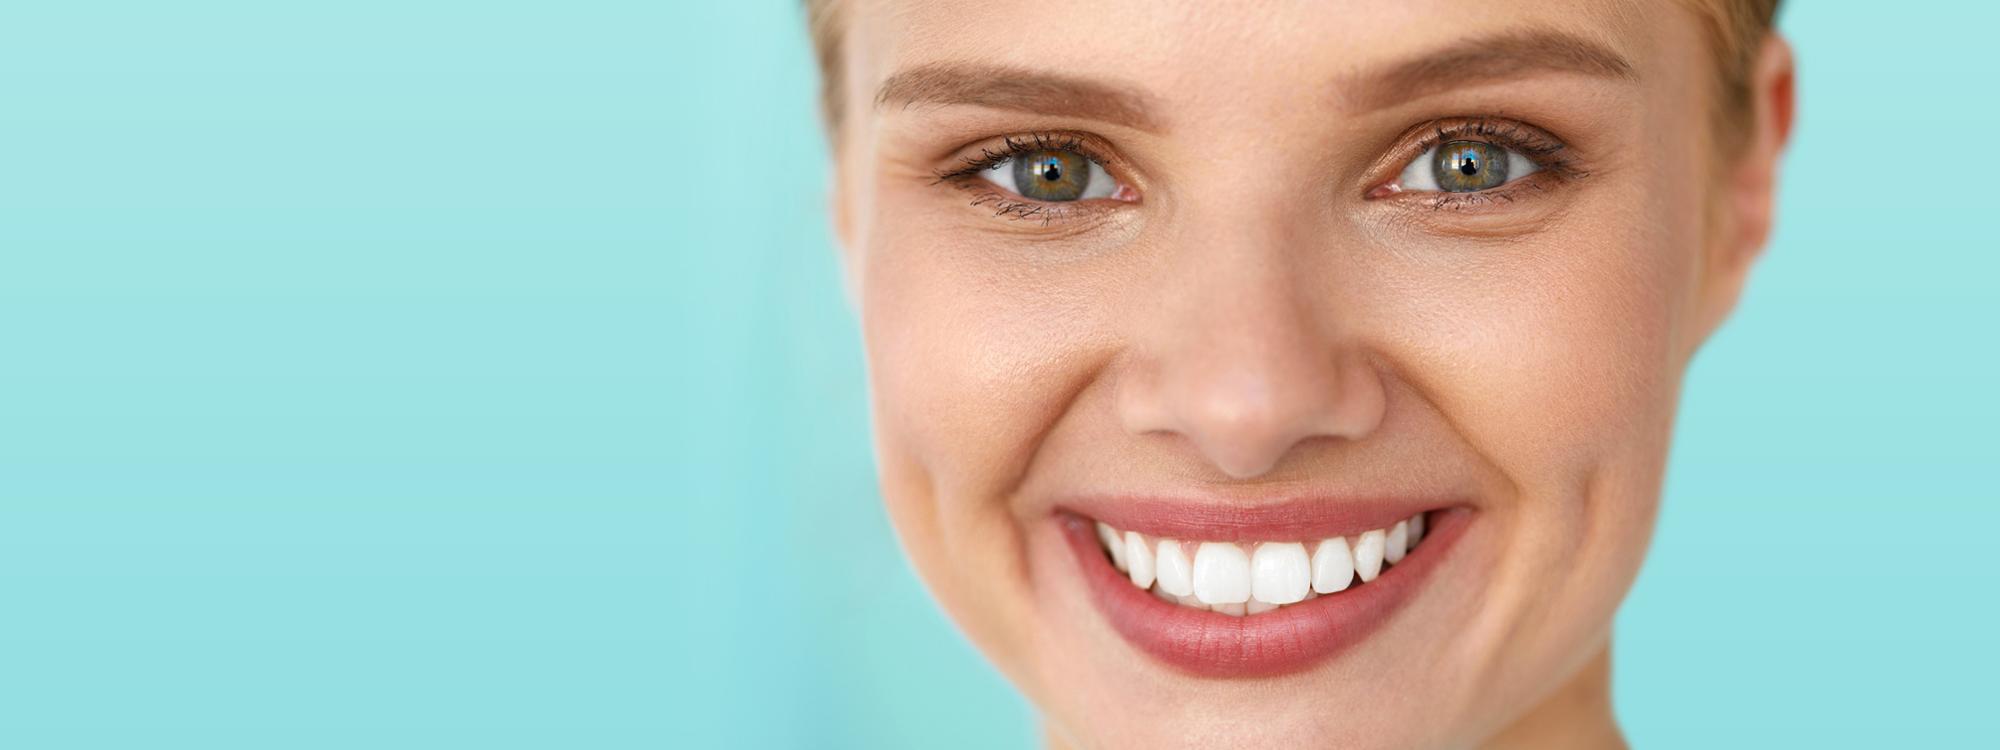 Esthetische tandheelkunde - Mondzorg Zichem